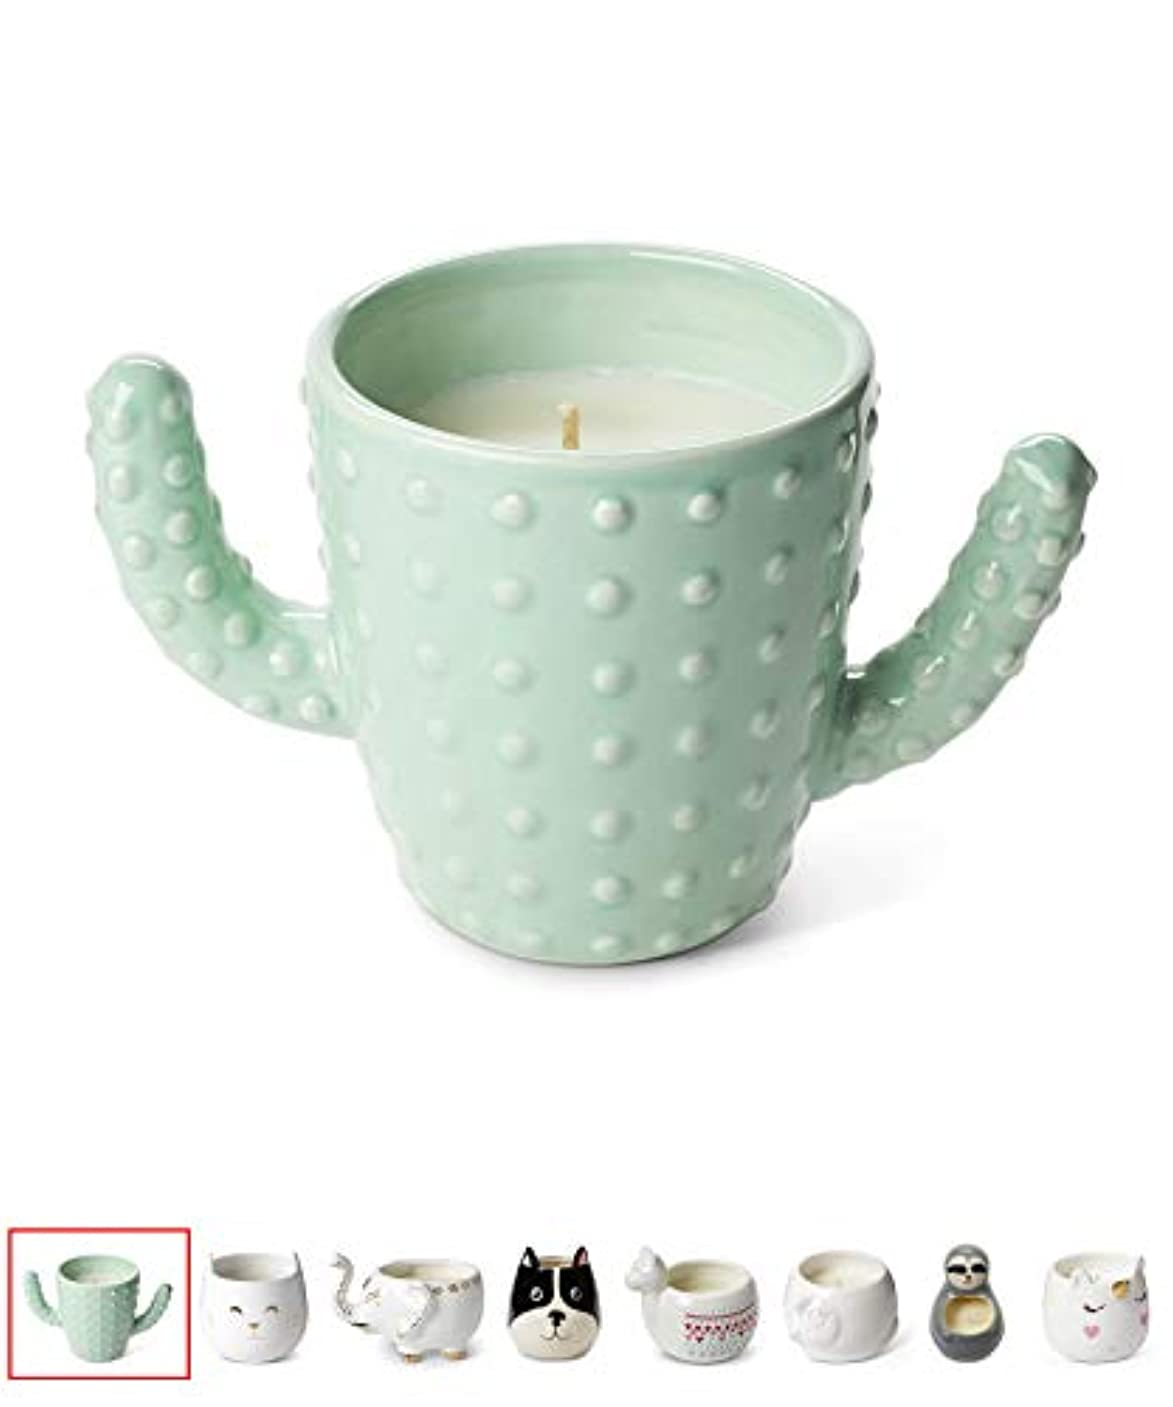 シャンパン個人的な驚きTri-coastal Design Small Cute Scented Wax Candles Ceramic Cactus Shaped Candle for Aromatherapy, Stress Relief...